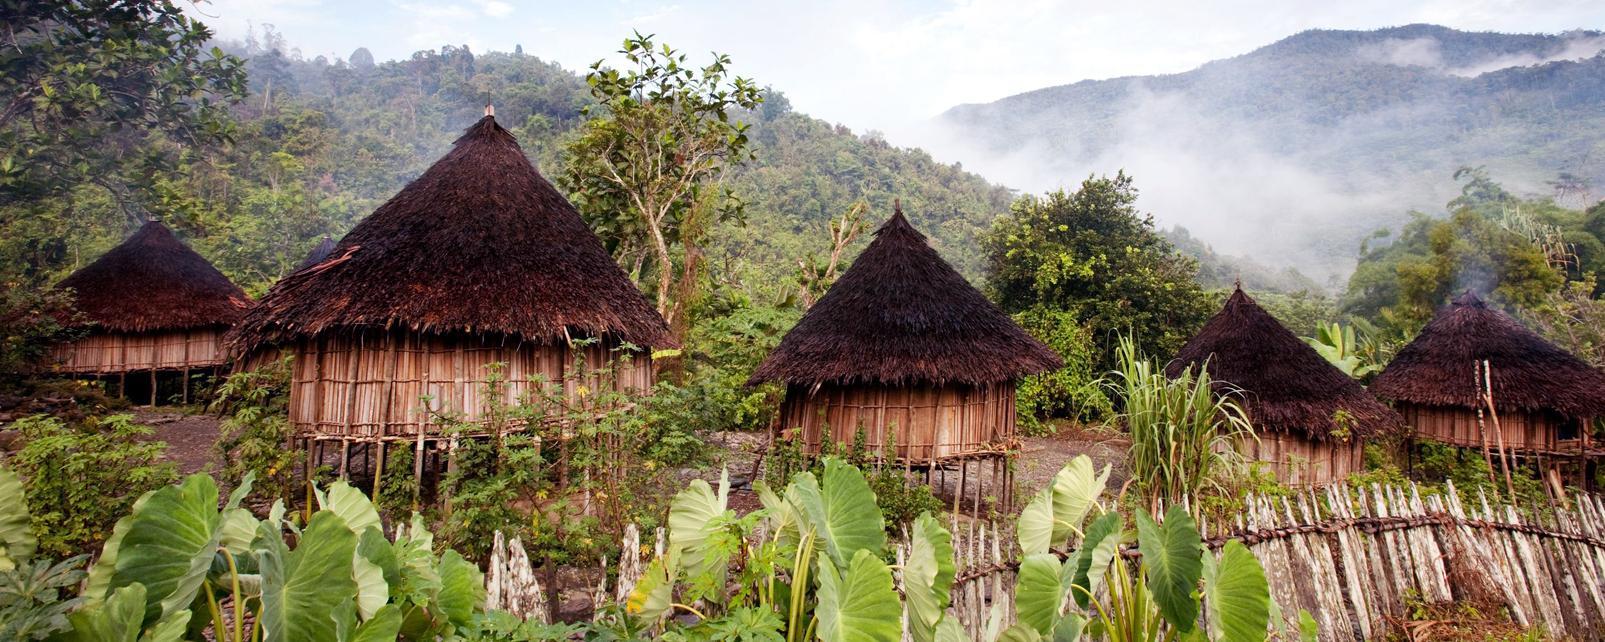 Océanie; Papouasie-Nouvelle-Guinée; Port Moresby;